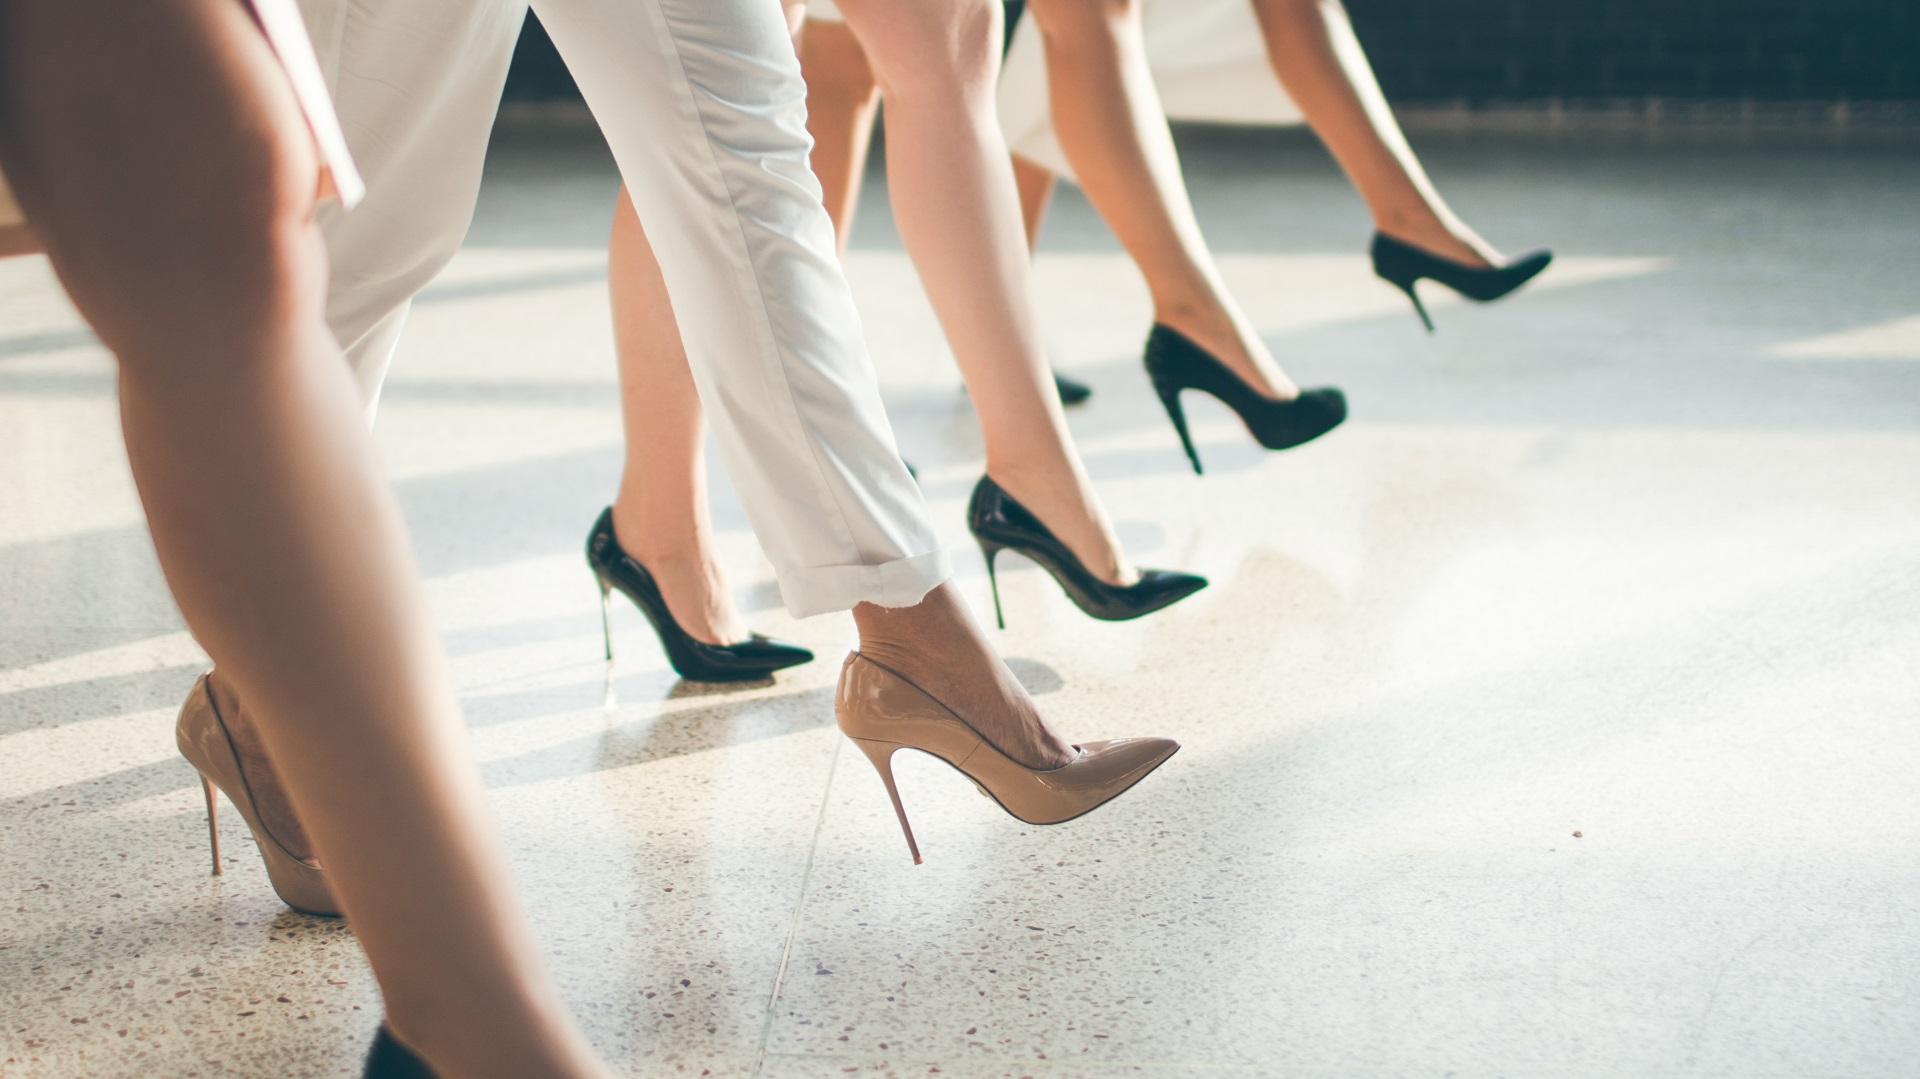 Жените за първи път започват да носят обувки на високи токчета по примера мъжете, които през XVII в. се обуват по този начин, смятайки, че това е признак за висок статут и мъжественост. Порнографията през XIX в. отново връща на мода сред жените обувките на висок ток.